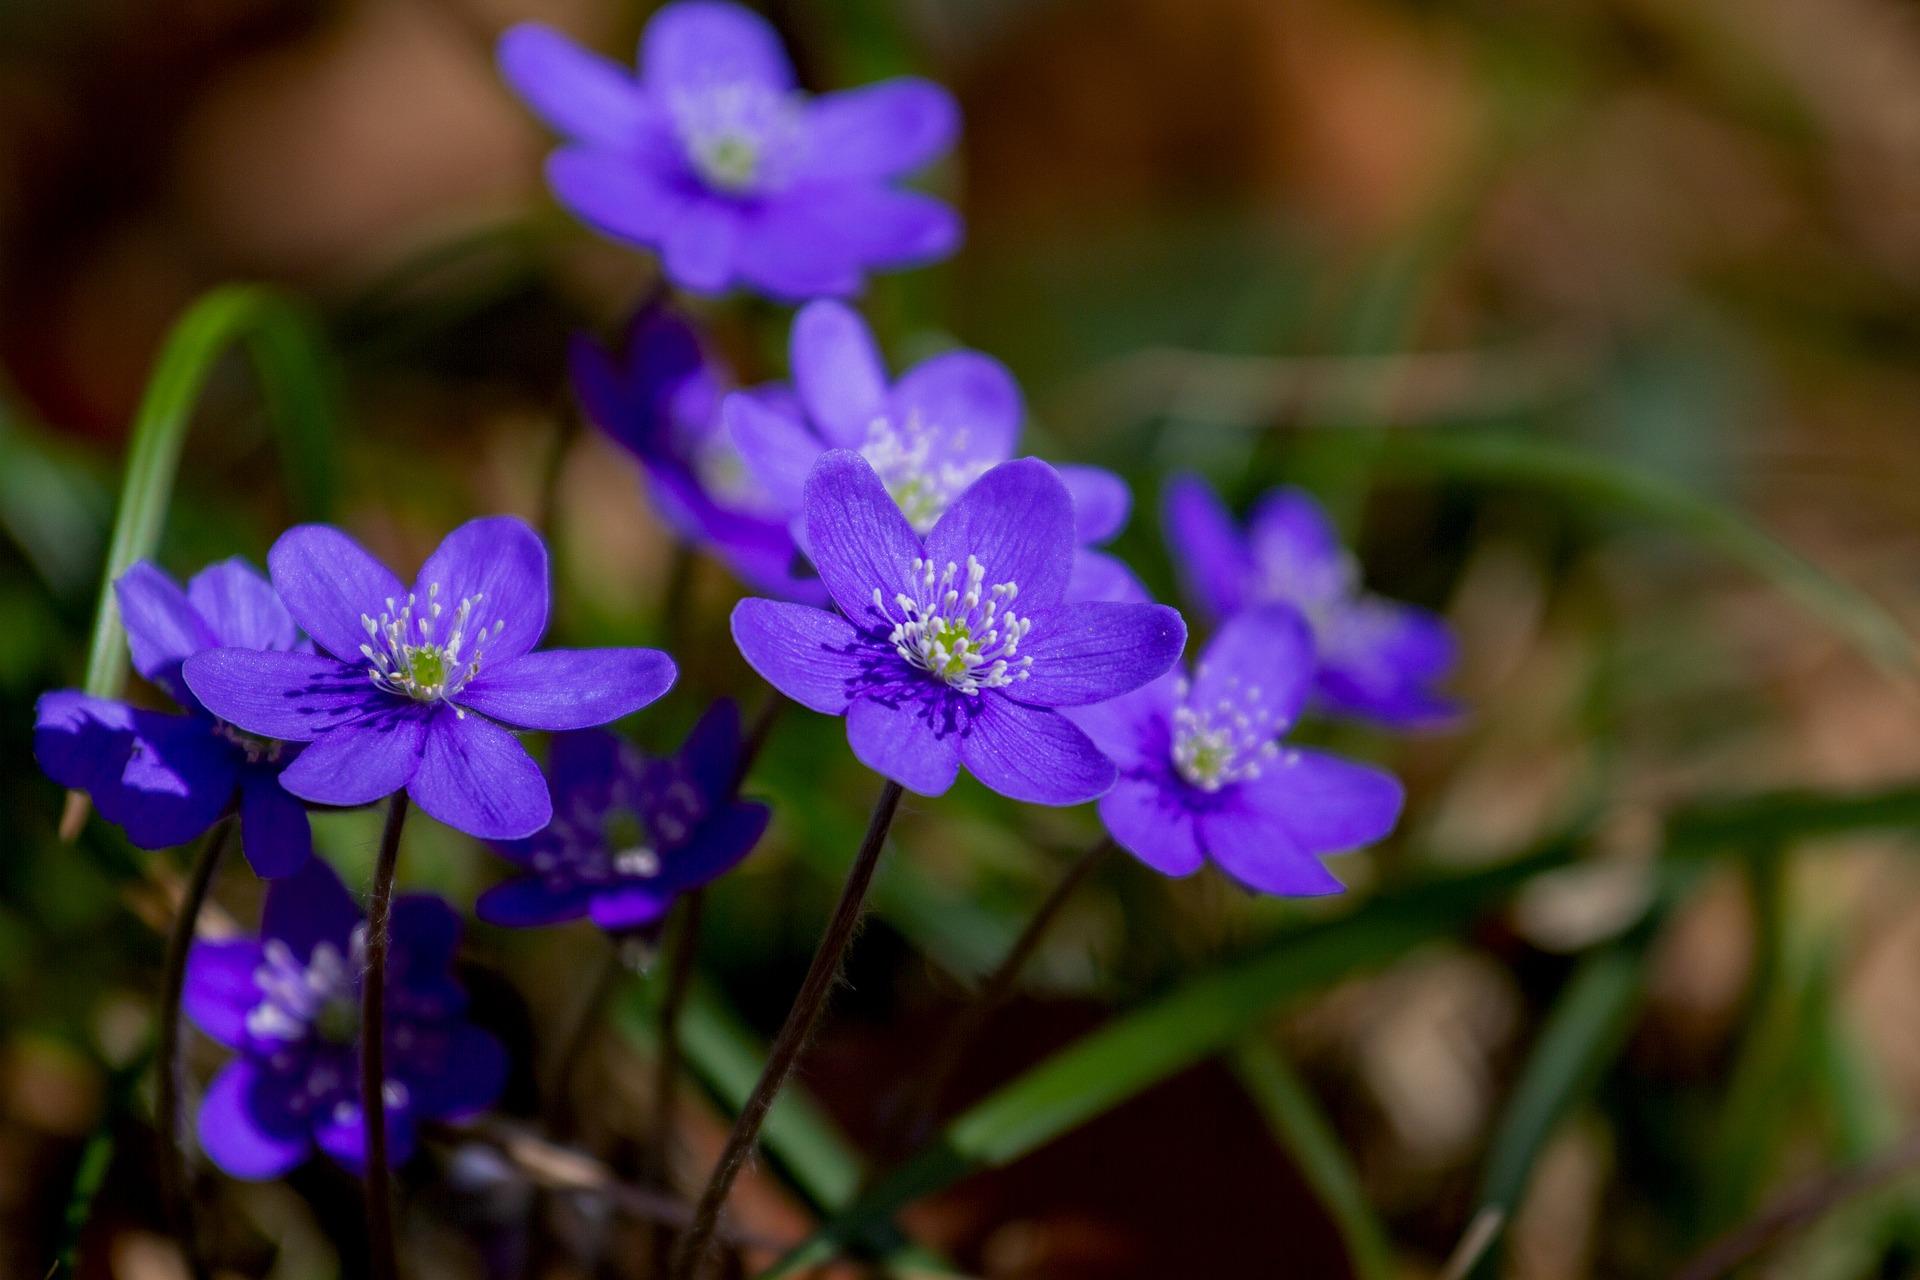 flower-3329845_1920.jpg